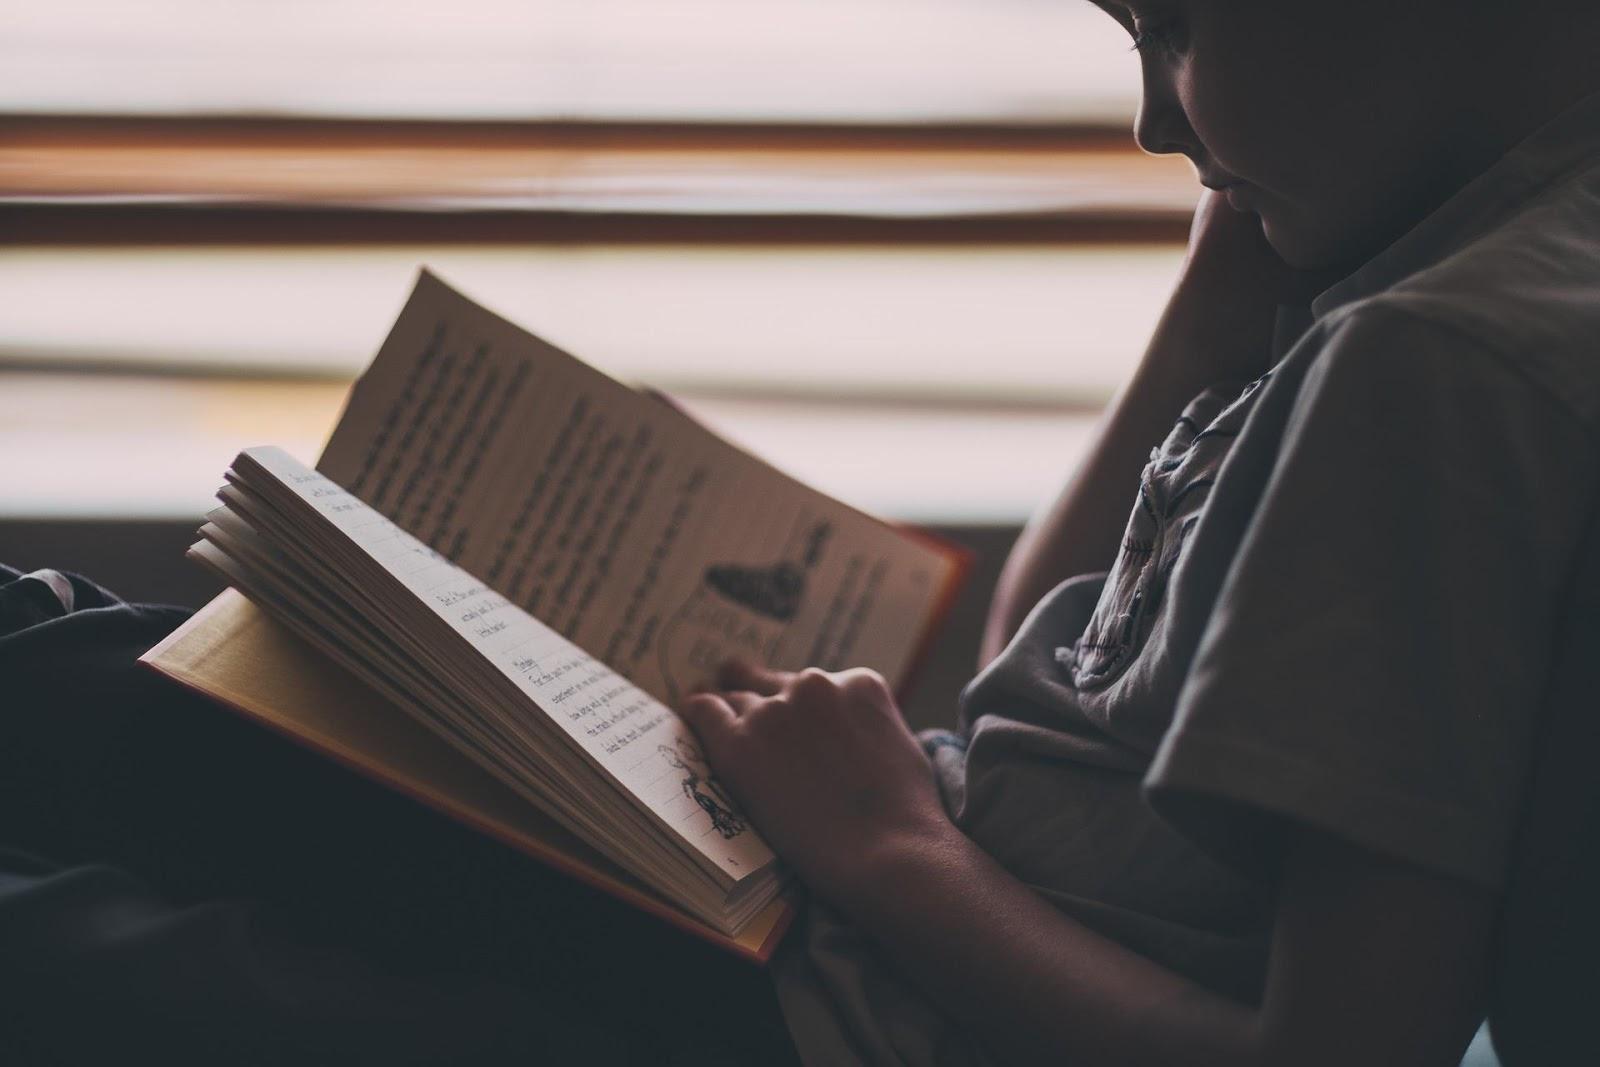 Membaca di tempat redup tidak akan melemahkan penglihatan. Sumber: StockSnap, Pixabay, 2017